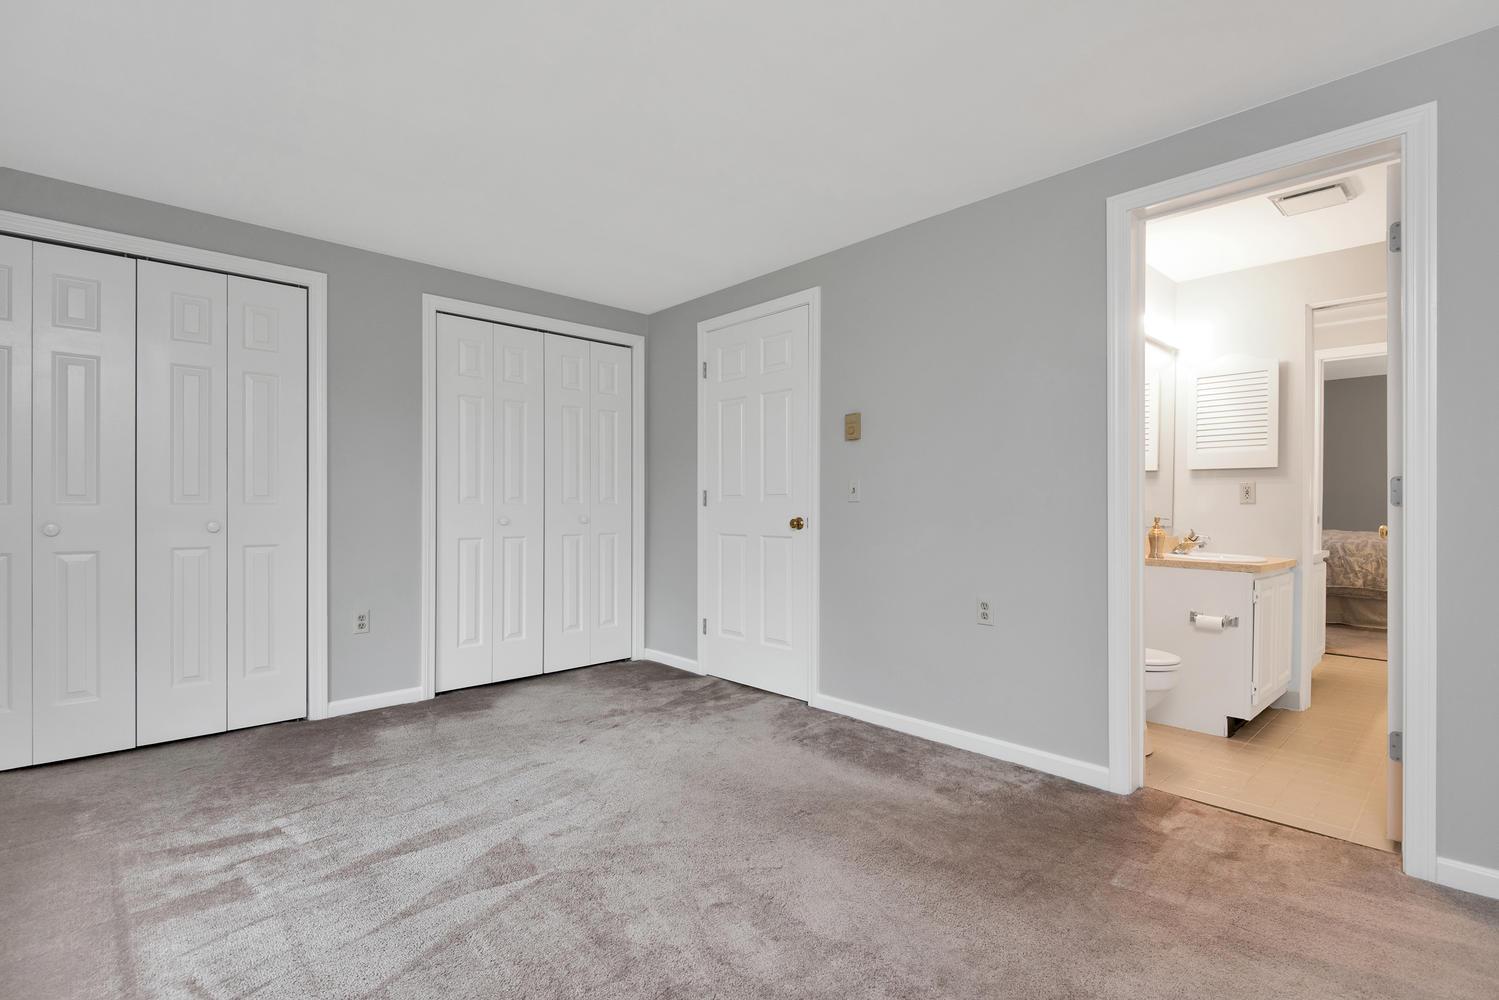 11 Crestfield Terrace Portland-large-029-20-Bedroom 2-1499x1000-72dpi_1.jpg